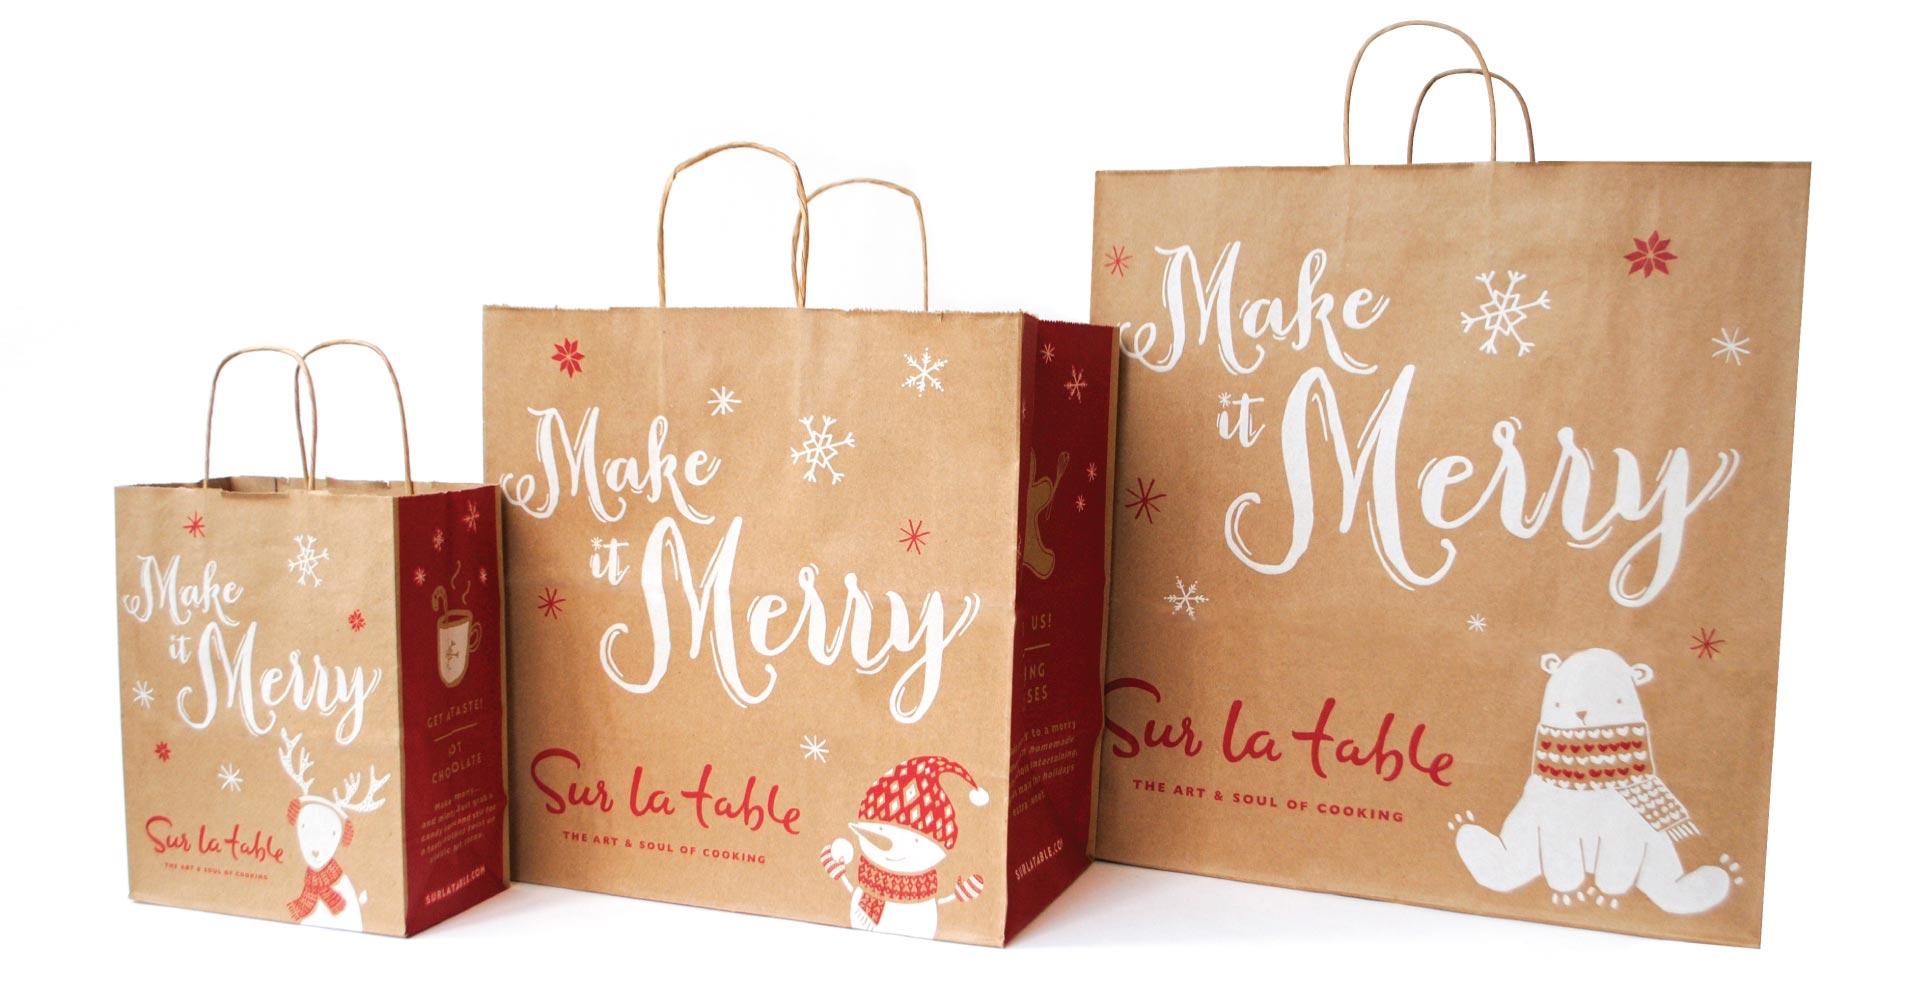 Creative_Retail_Packaging_Custom_SurLaTable_4.jpg